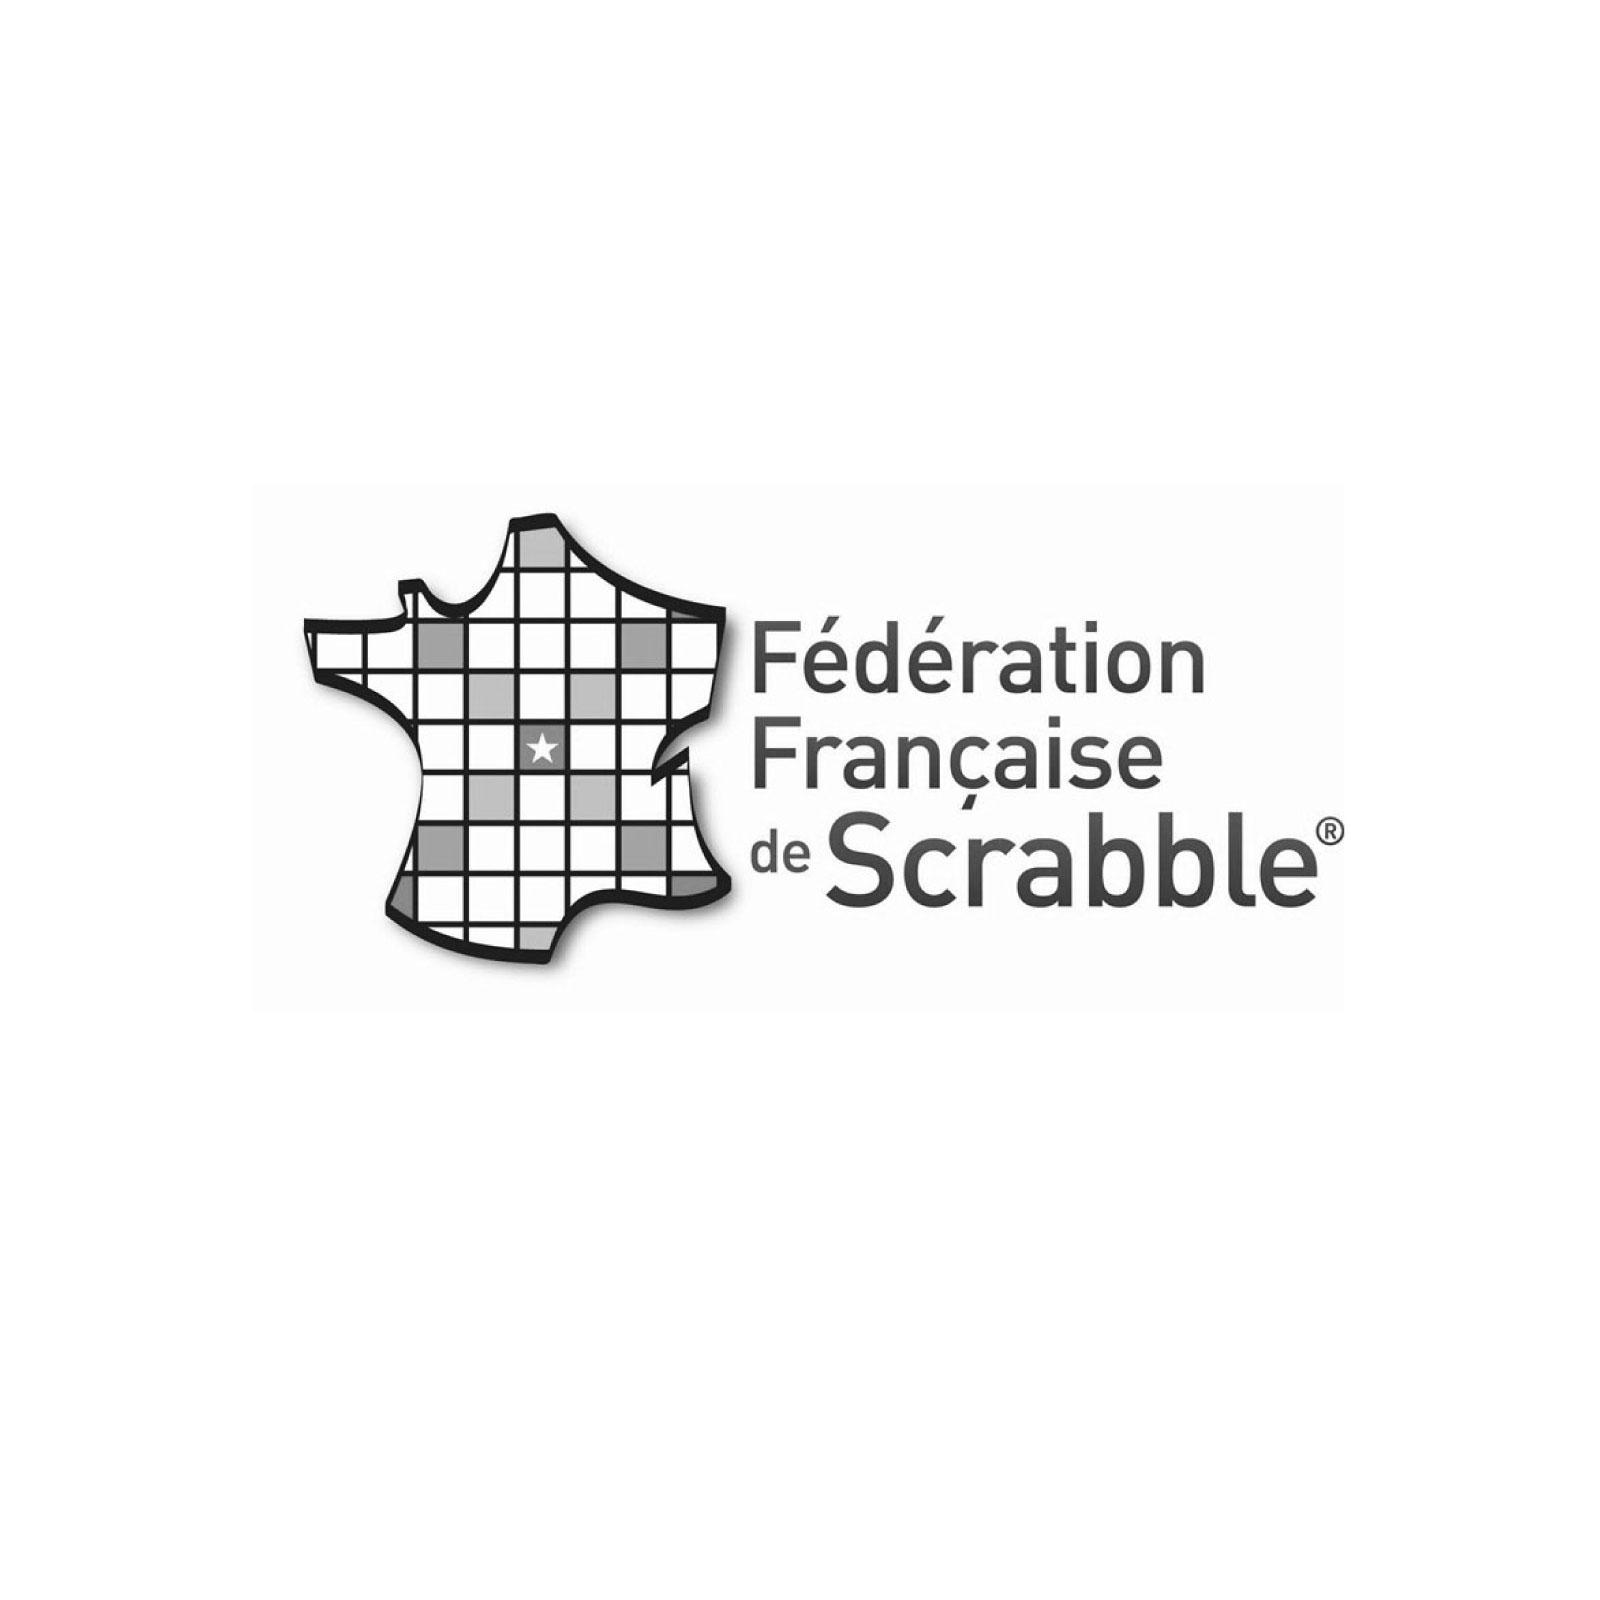 Fédération Française de Scrabble